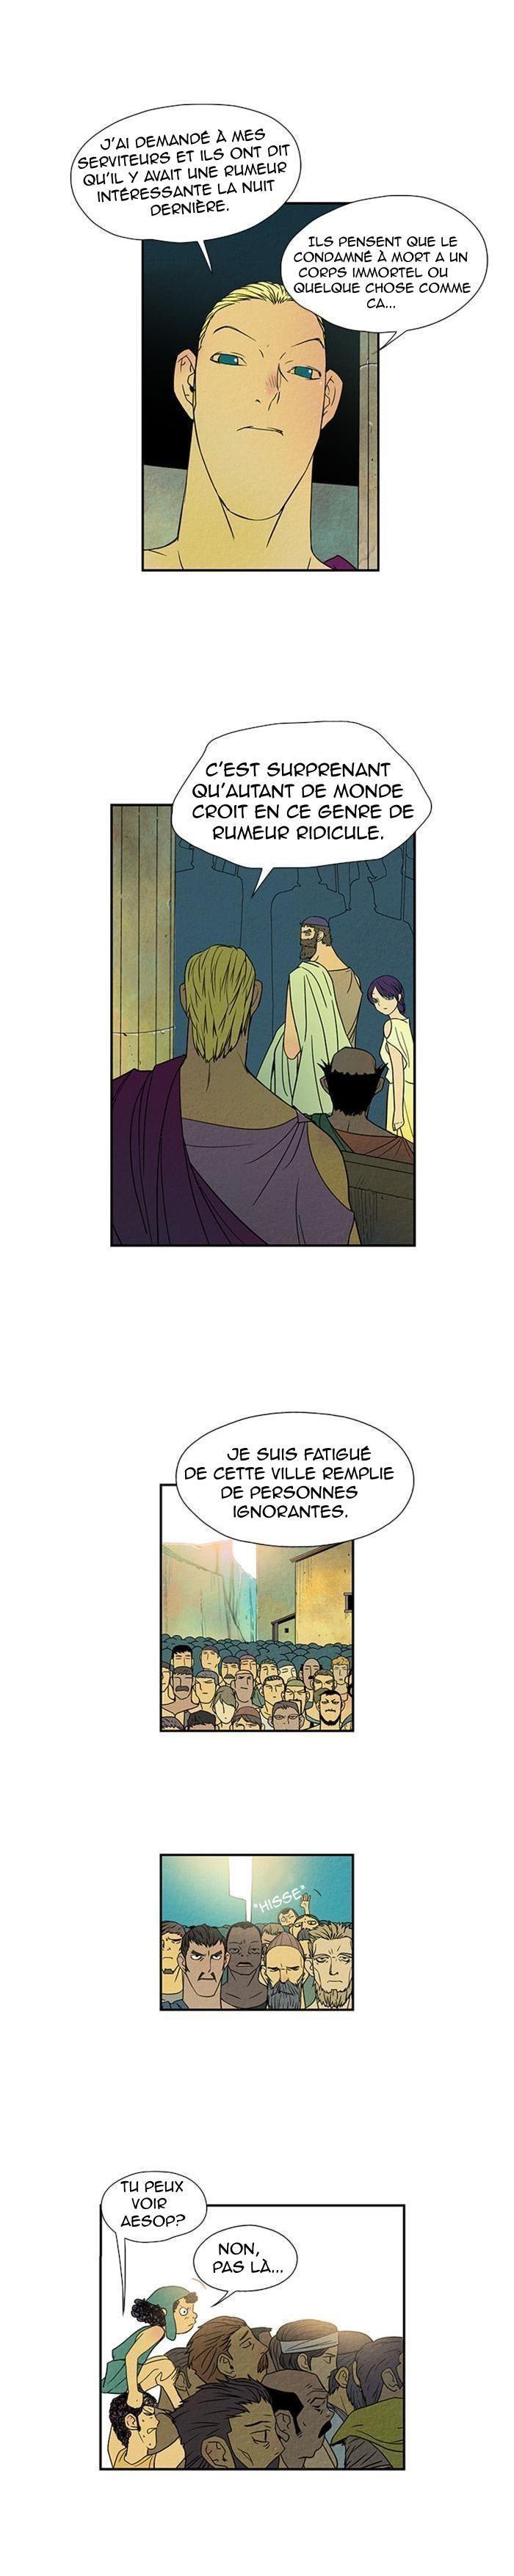 https://nine.mangadogs.com/fr_manga/pic1/18/1170/49462/Aisopos19VF_1_970.jpg Page 2